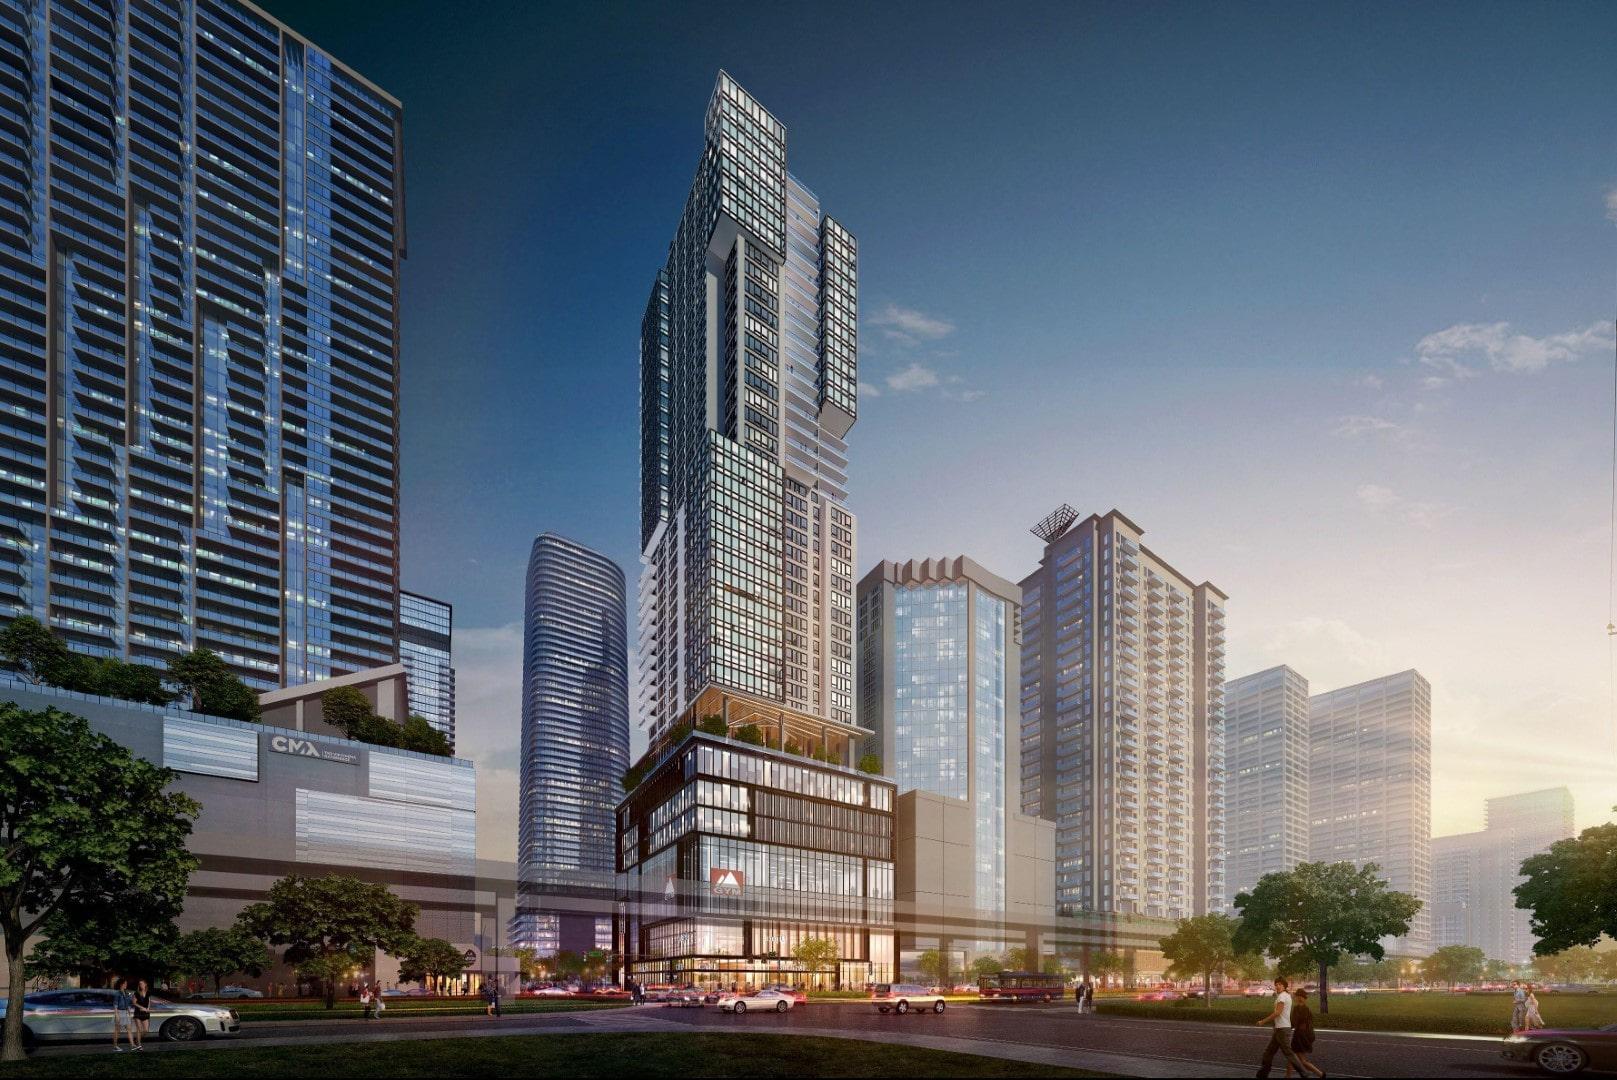 Gazit Horizons Reveals 48-Story Brickell Gateway Tower Next To Brickell City Center